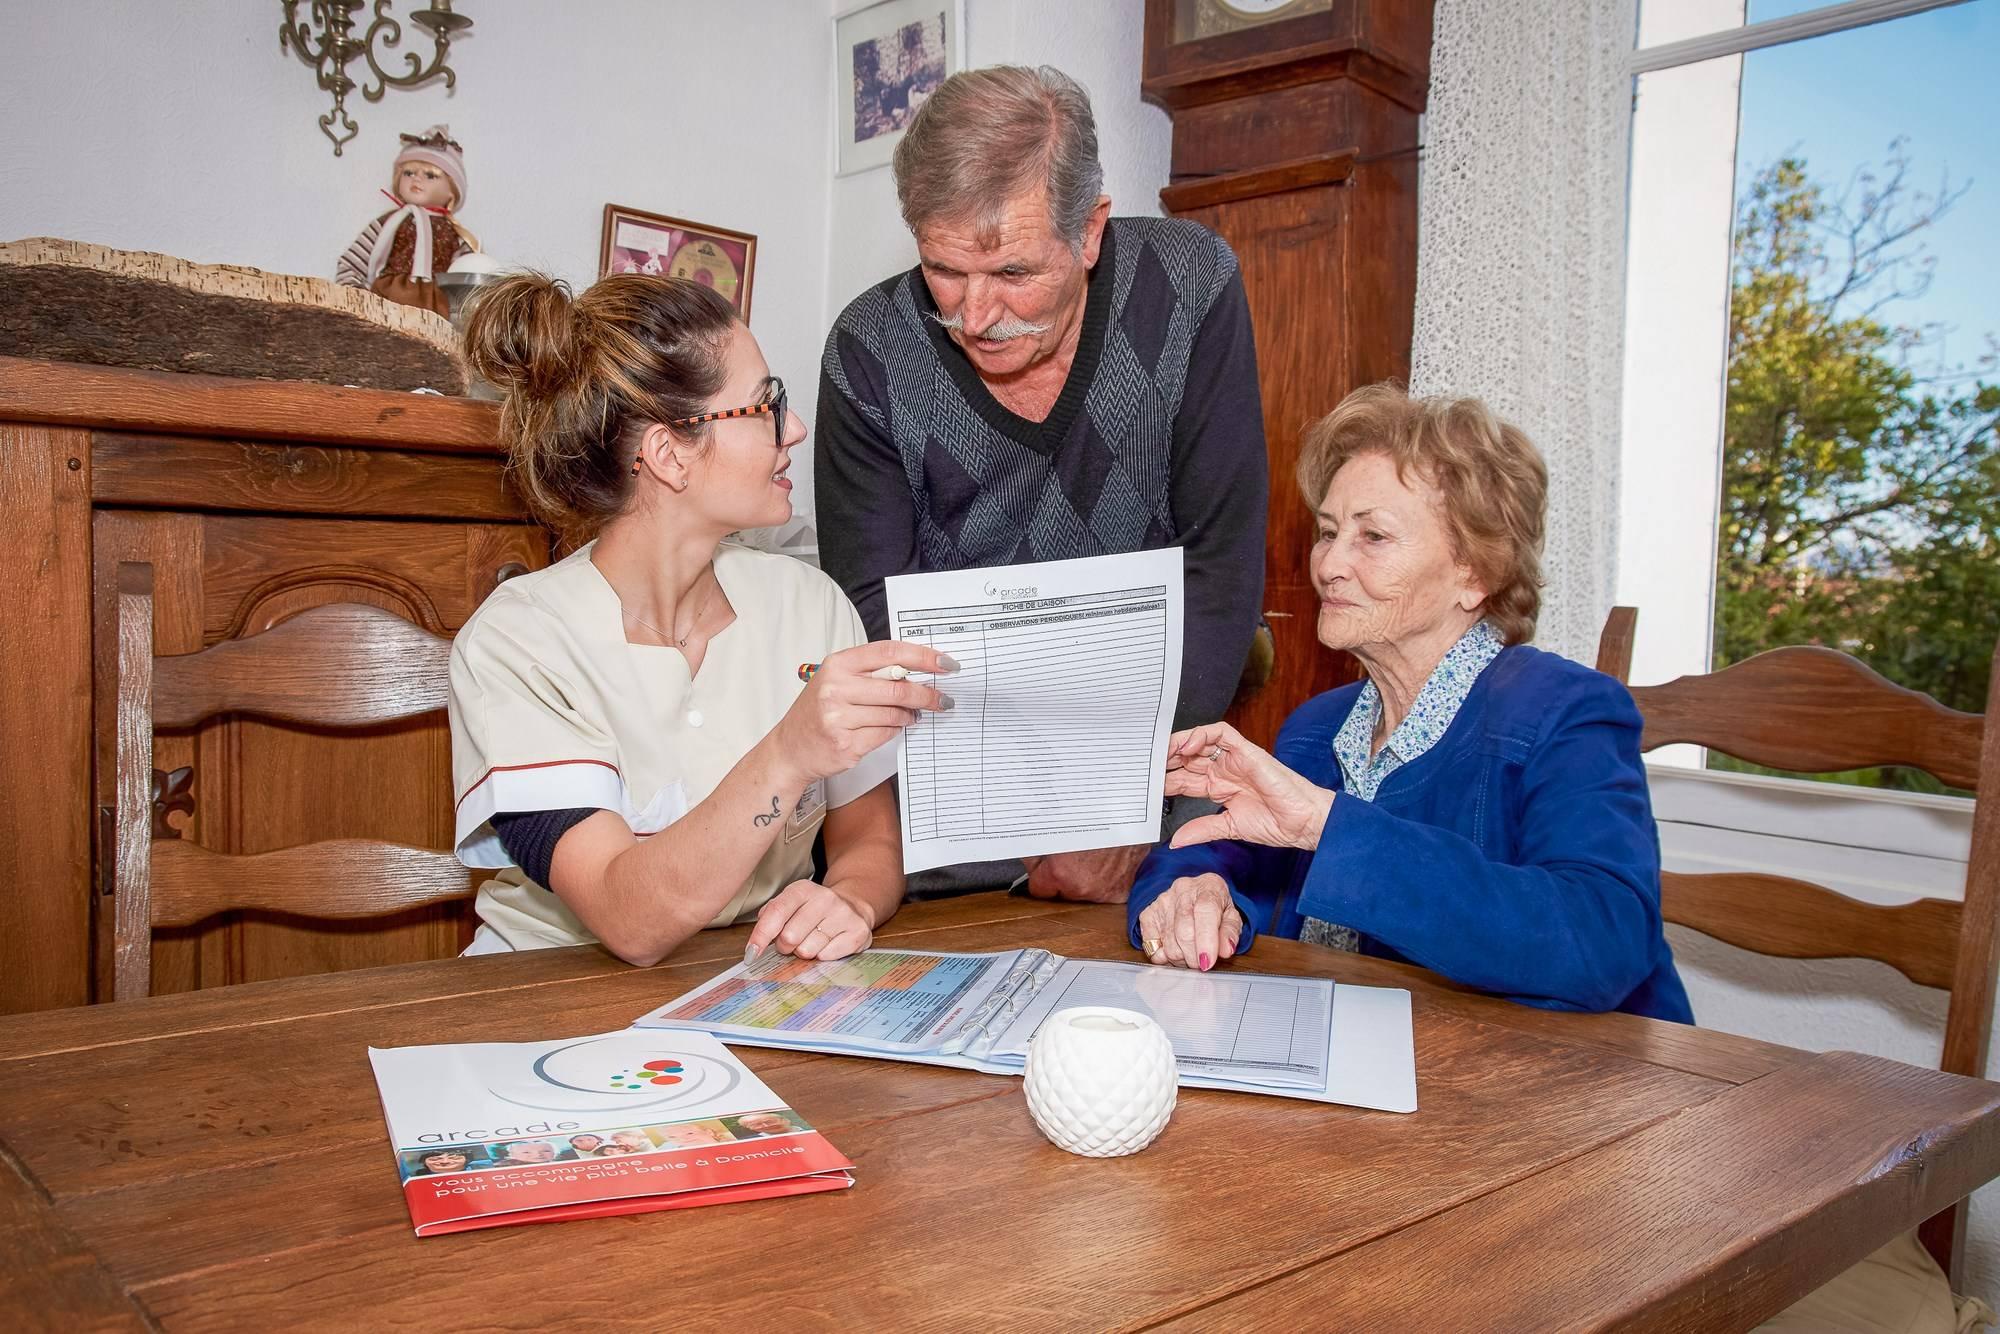 Les services d'aide à domicile en mode prestataire